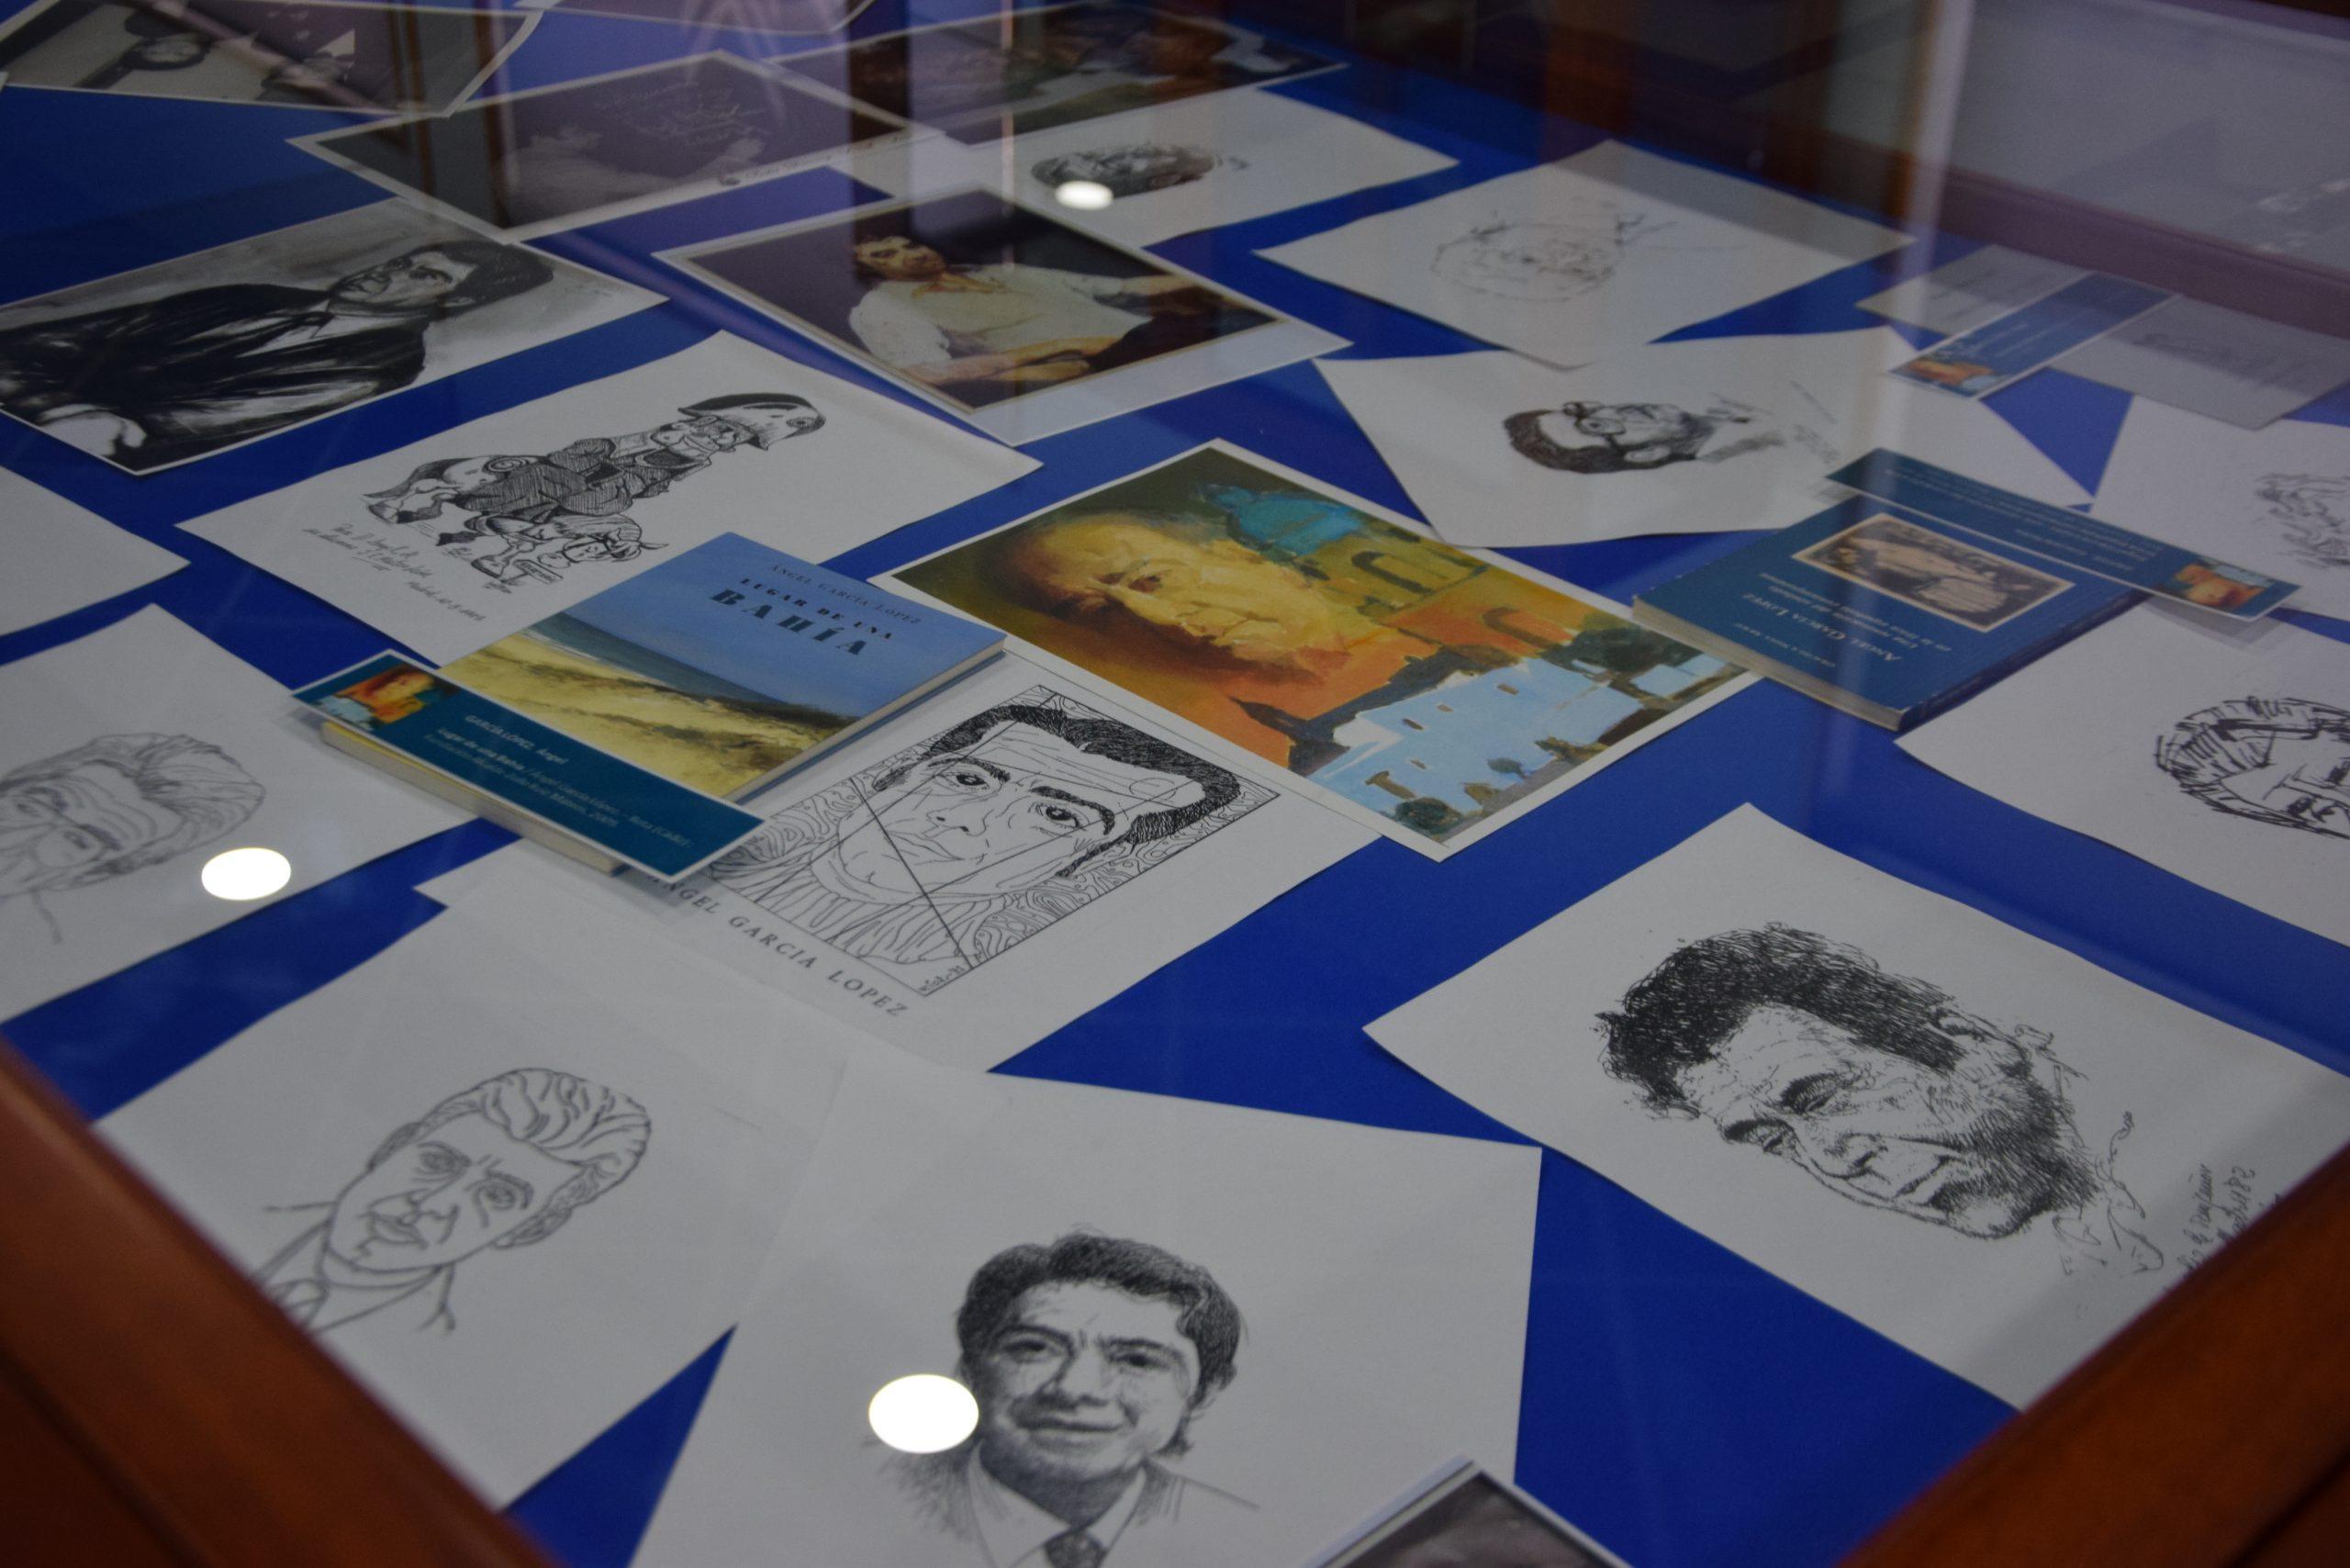 Exposición sobre la obra literaria del escritor gaditano Ángel García López